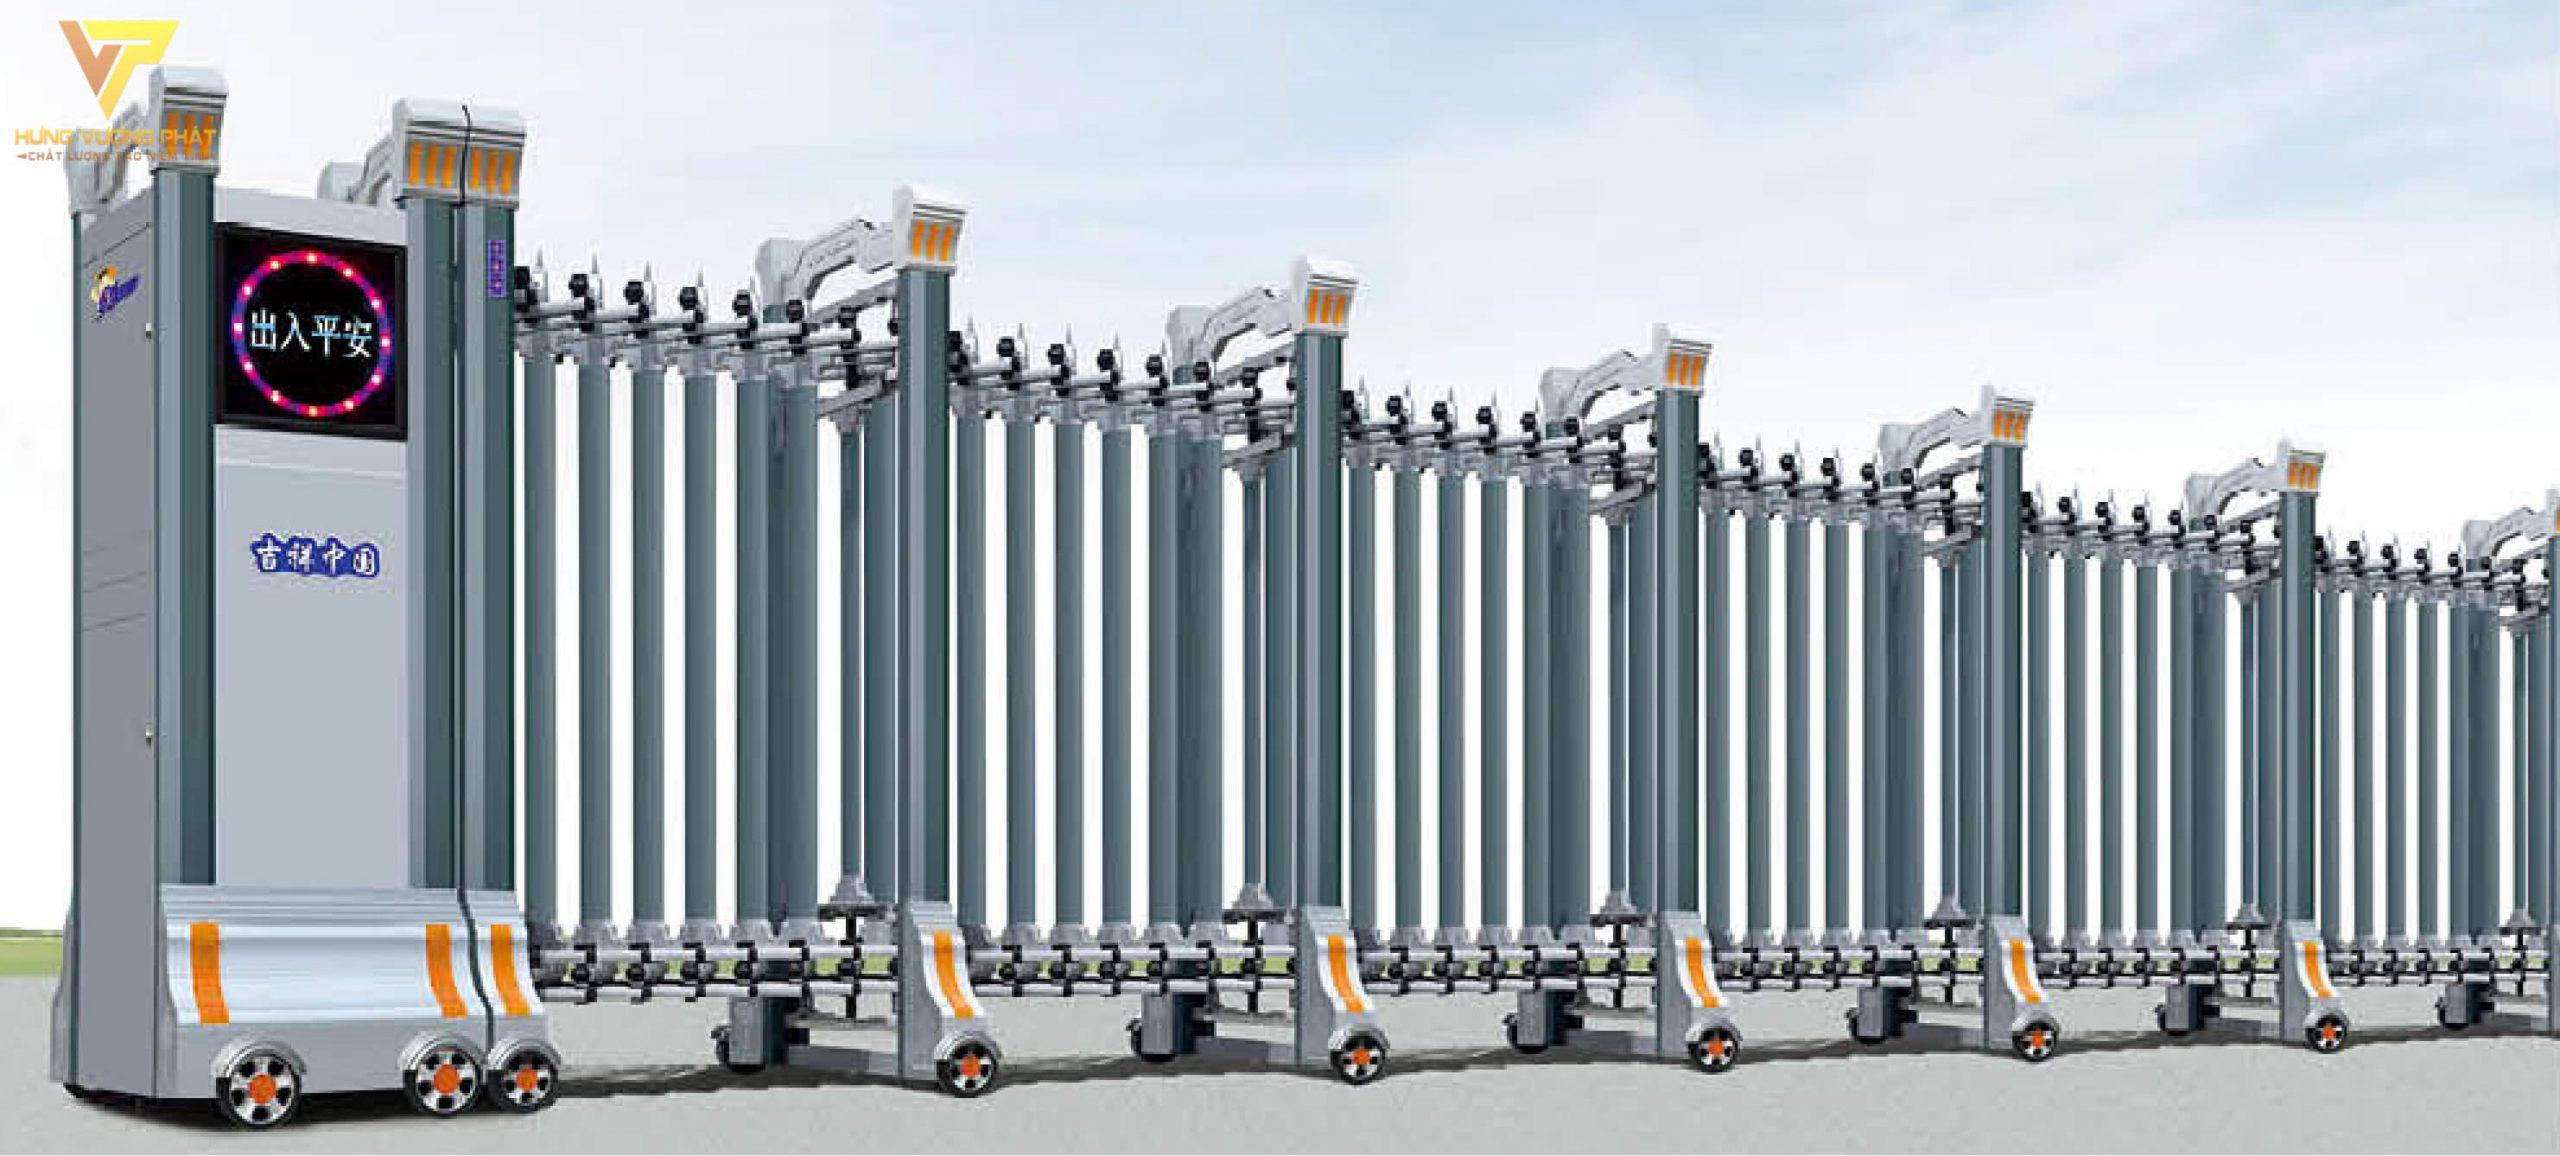 Cổng xếp hợp kim nhôm chạy điện tự động HN12